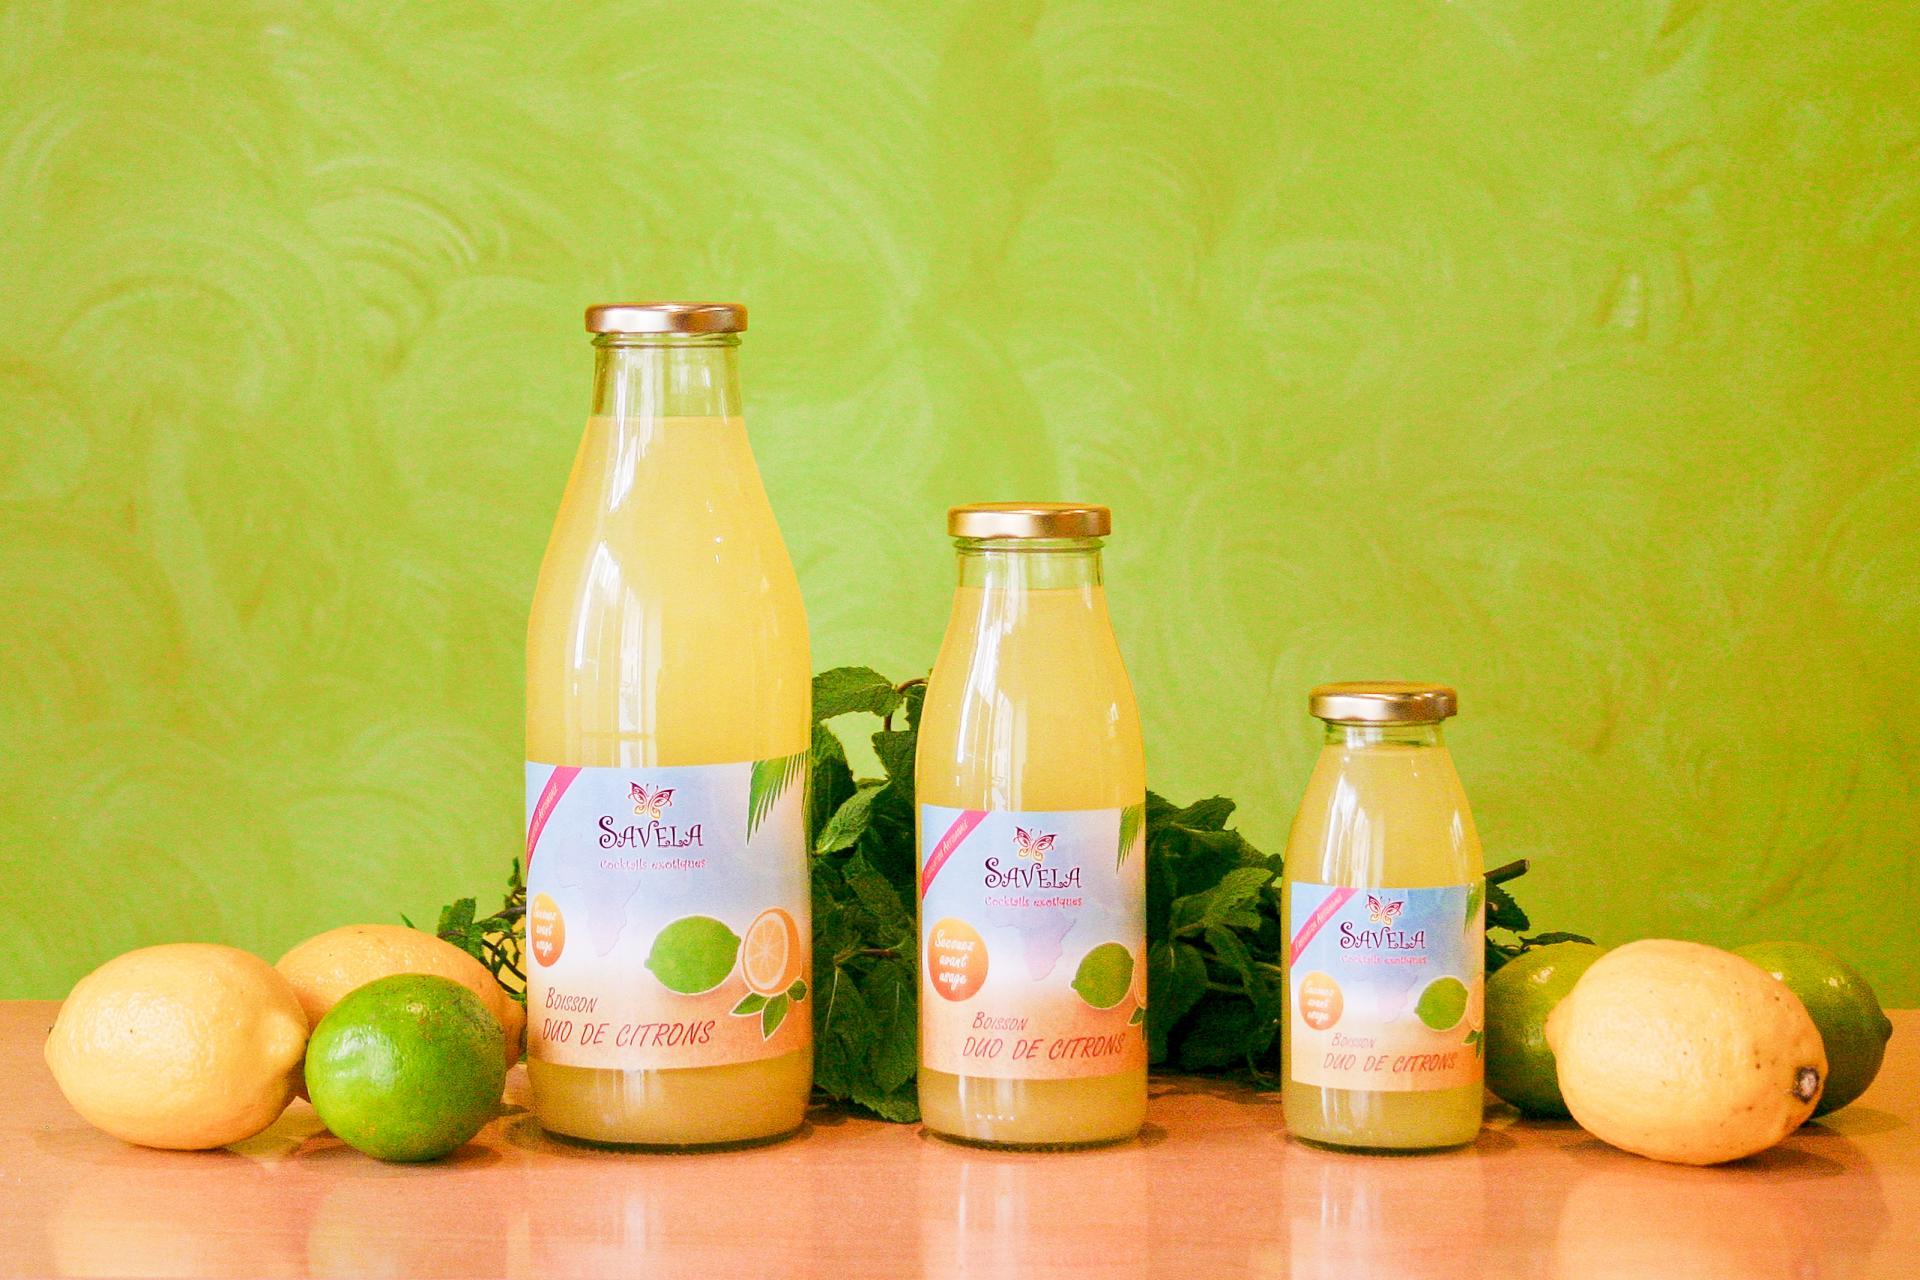 Boisson duo de citrons et ses ingrédients - Savela Marseille